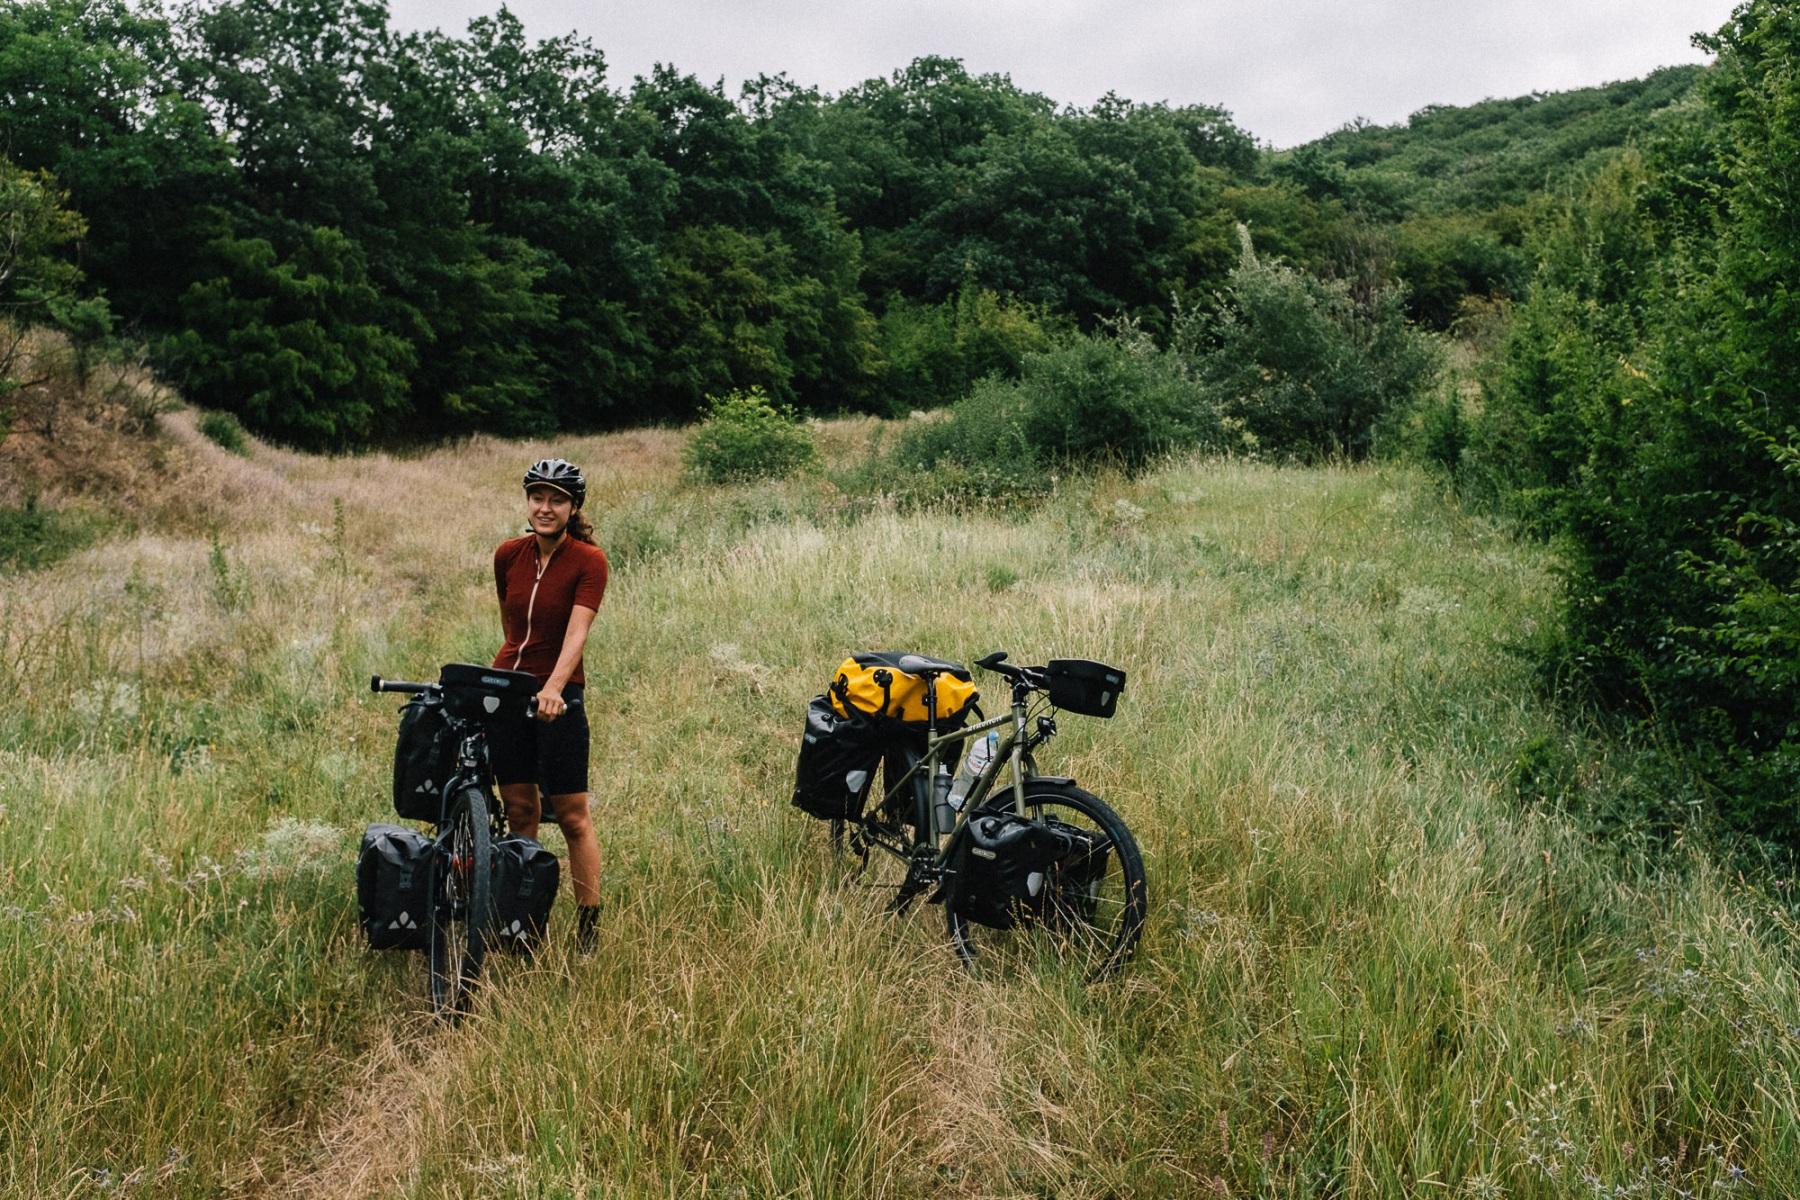 Taking a break on the Bikepacking.com route in Georgia